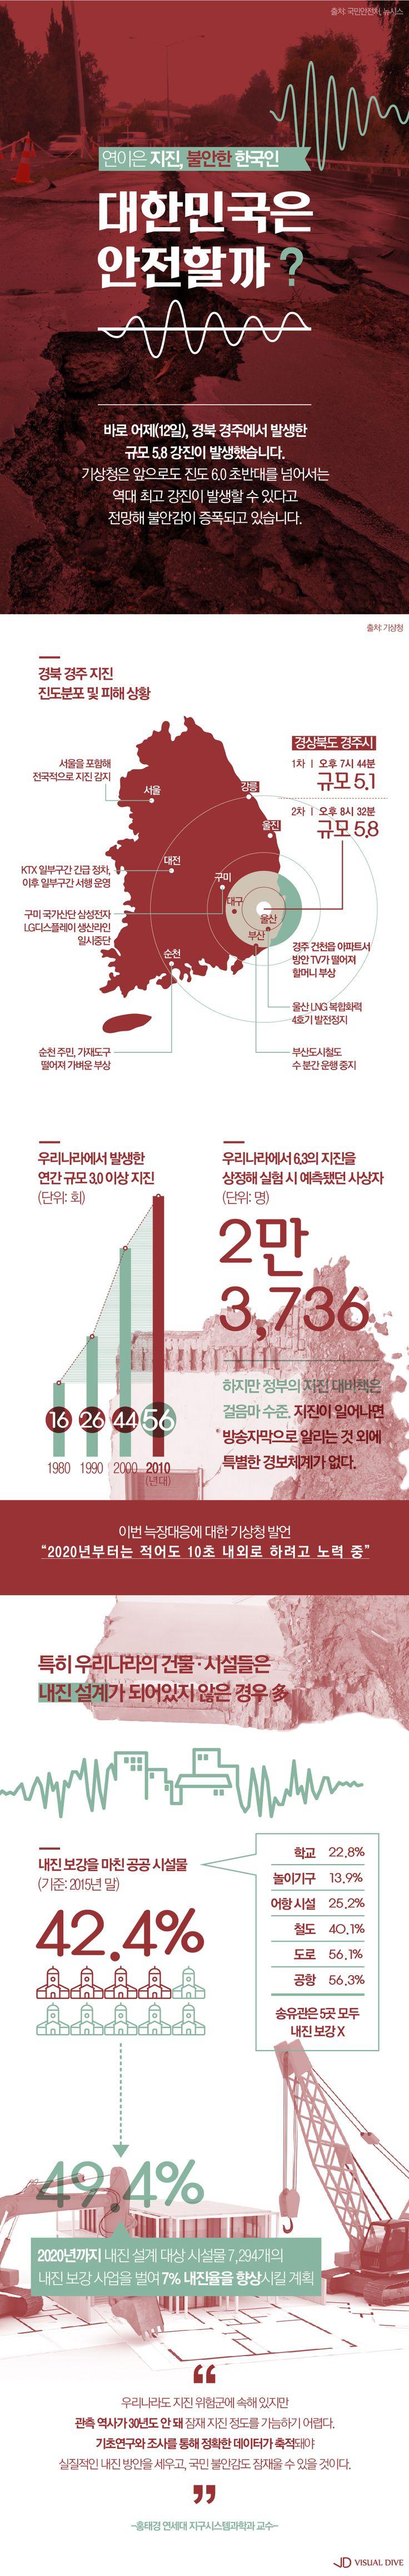 연이은 '지진'에 커지는 불안감… 대한민국은 안전할까? [인포그래픽] #earthquake / #Infographic ⓒ 비주얼다이브 무단…